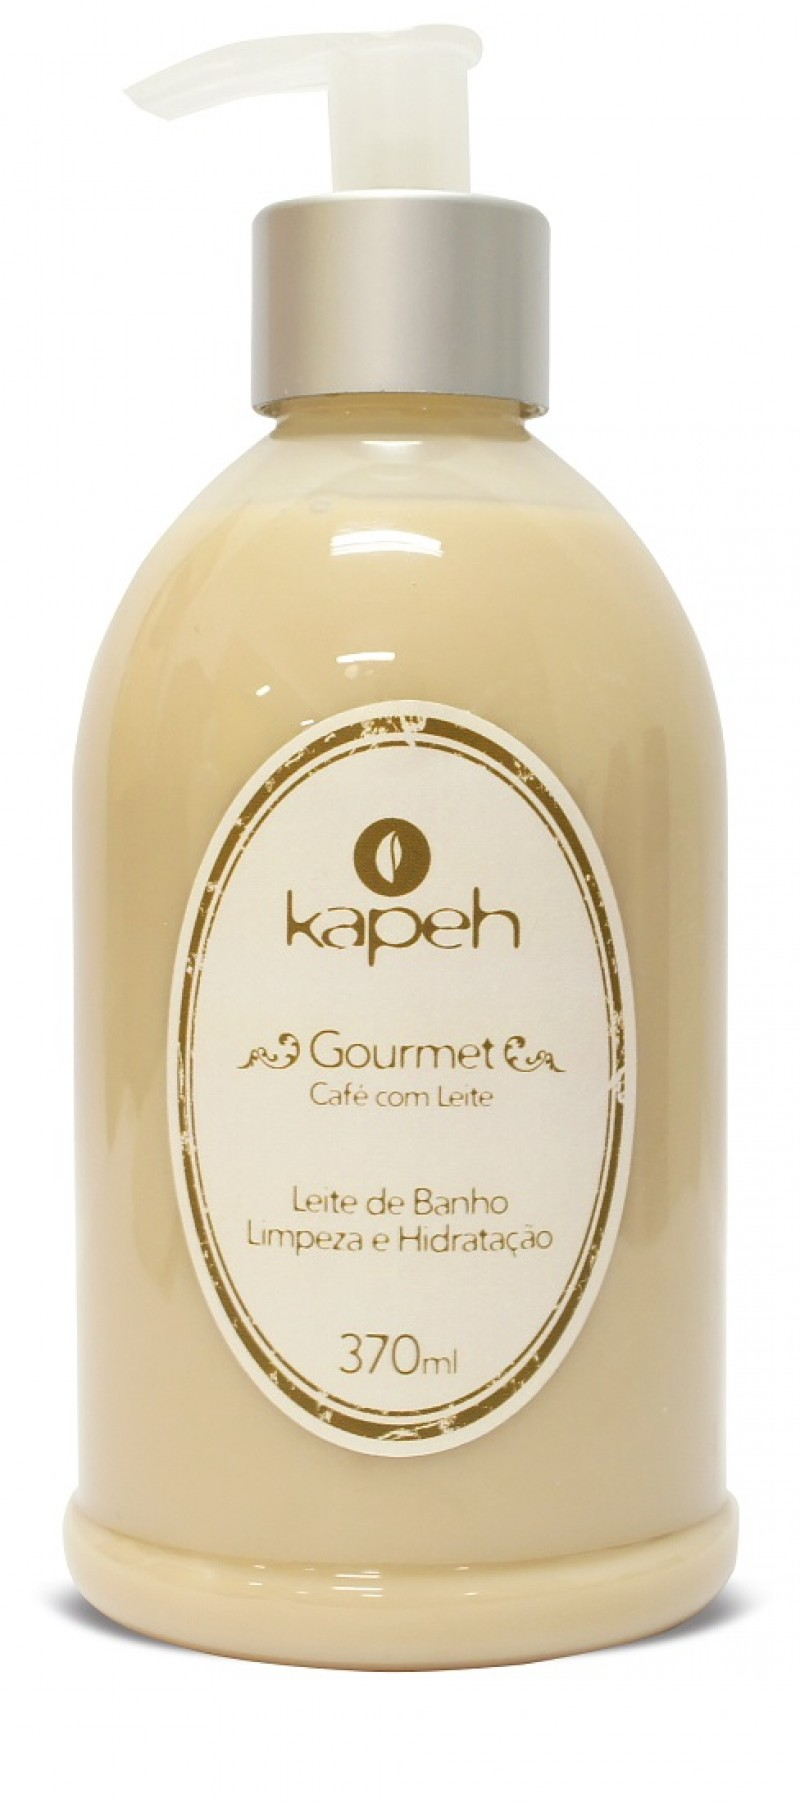 Kapeh lança linha de banho com base no café e leite